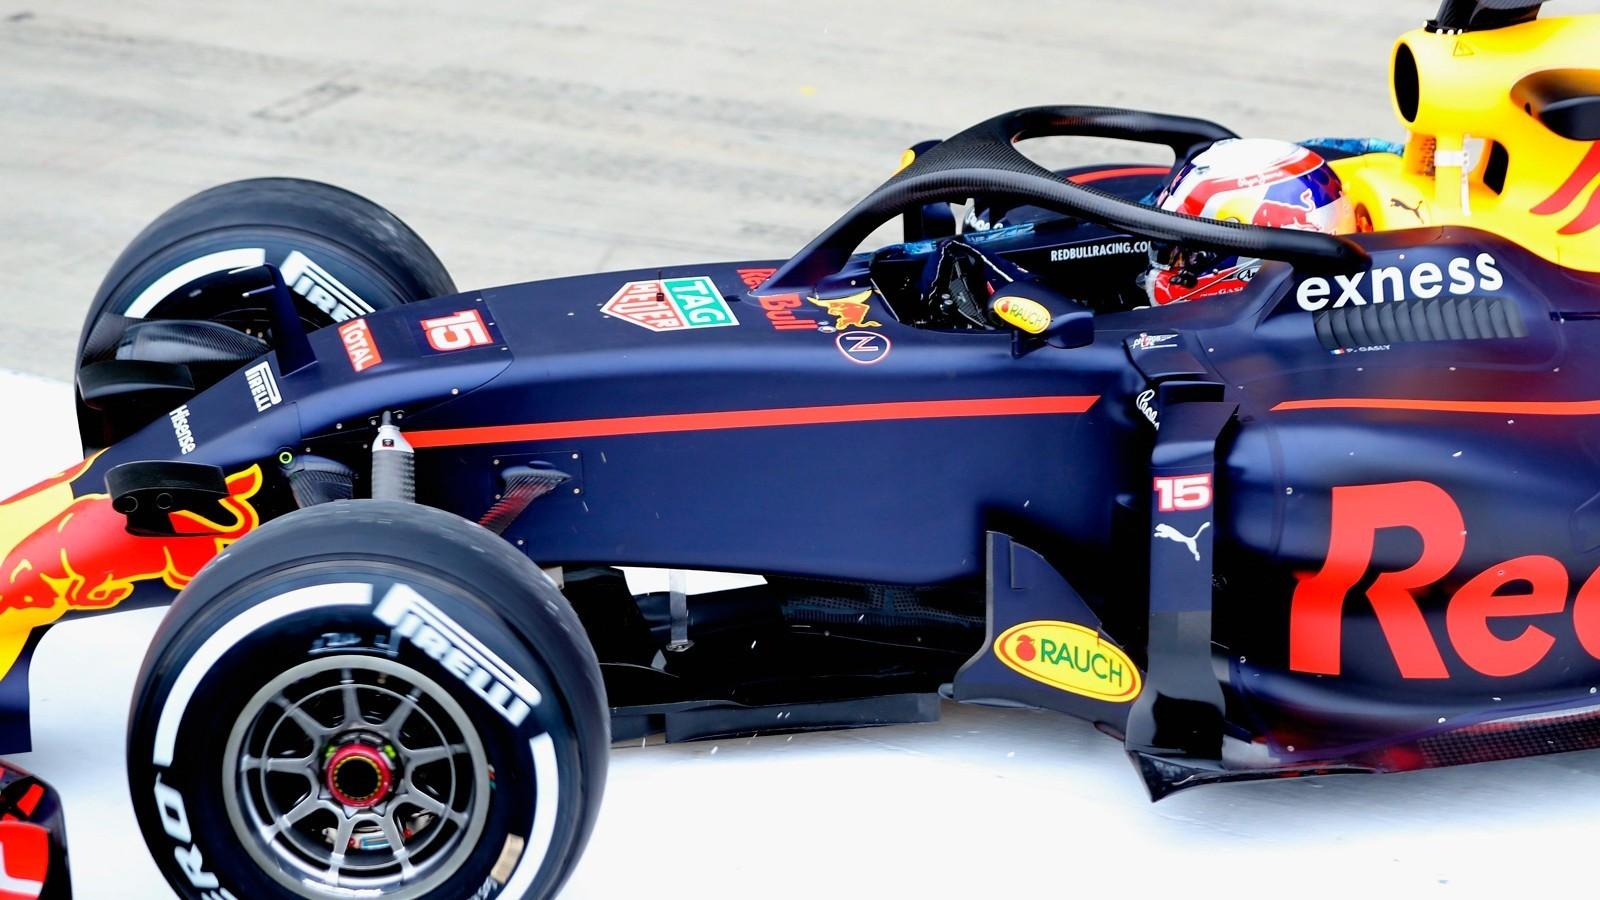 Система защиты головы пилота Halo была разработана специалистами Ferrari